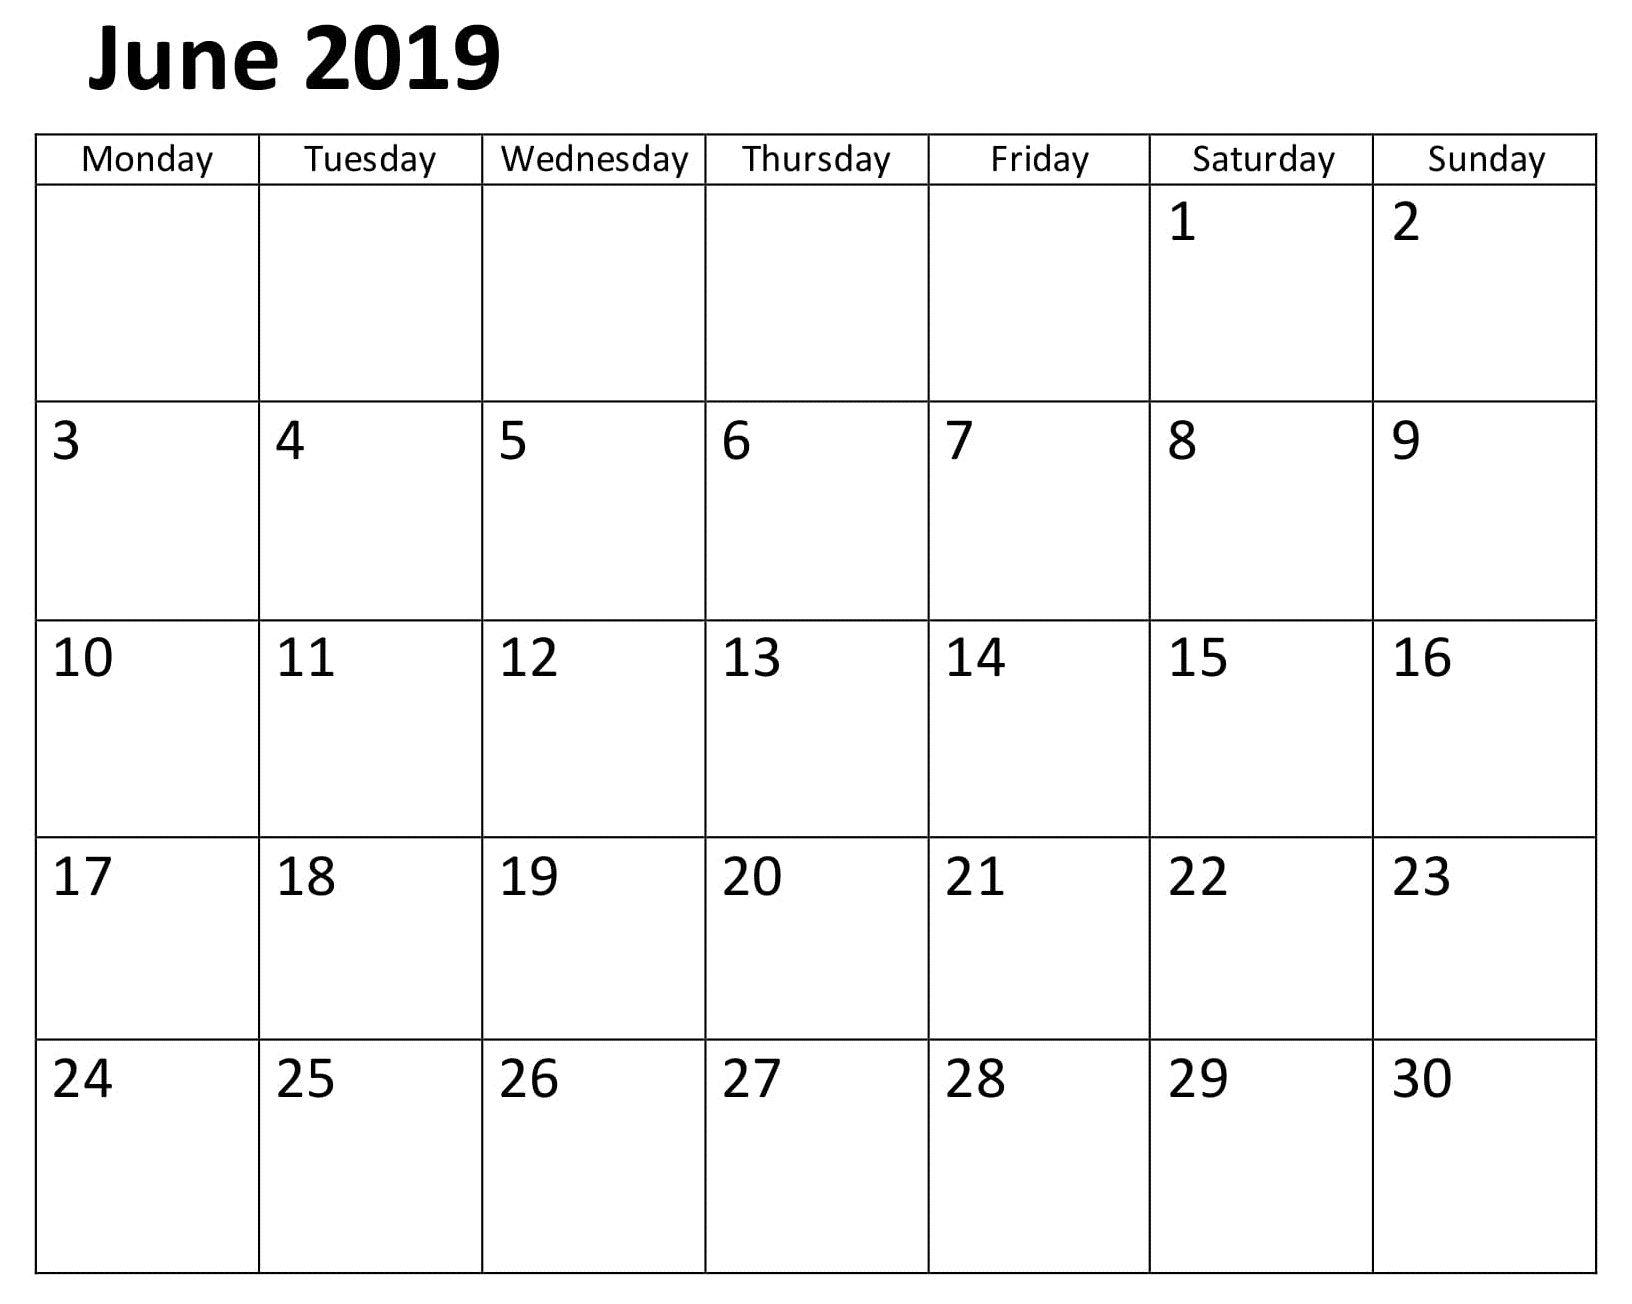 Calendar June 2019 Template Word | Calendar Template